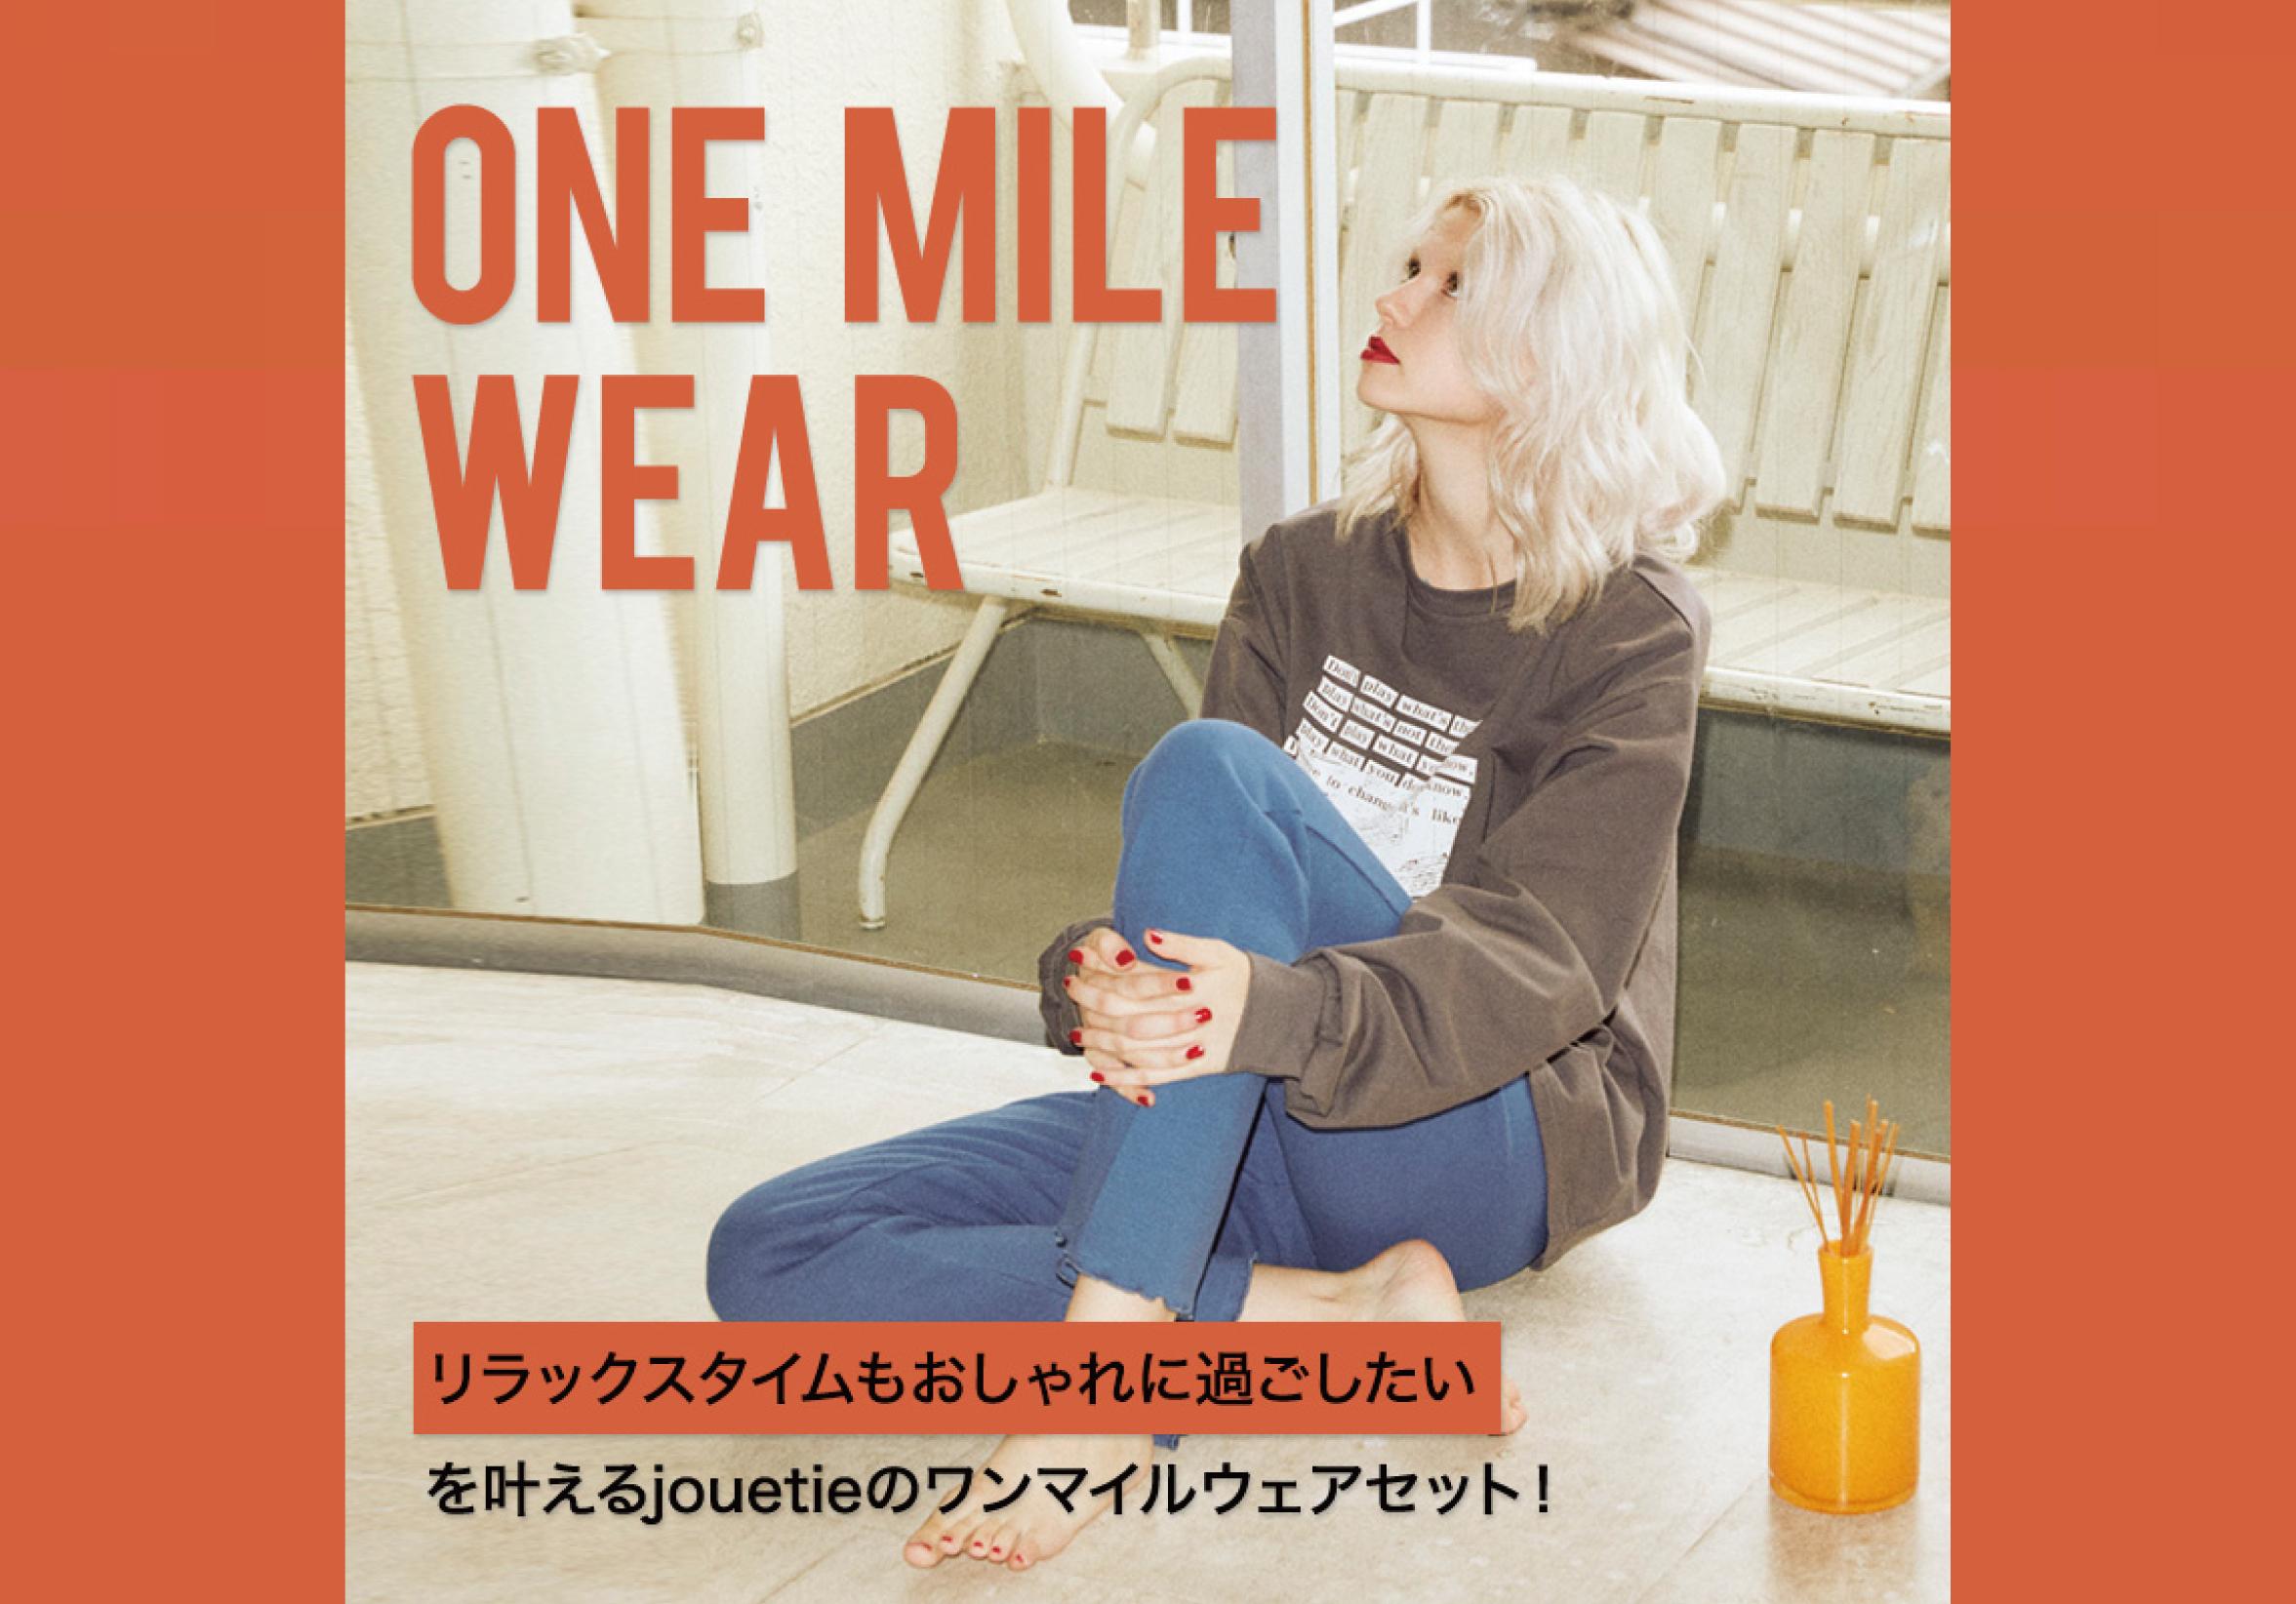 【ONE MILE WEAR】